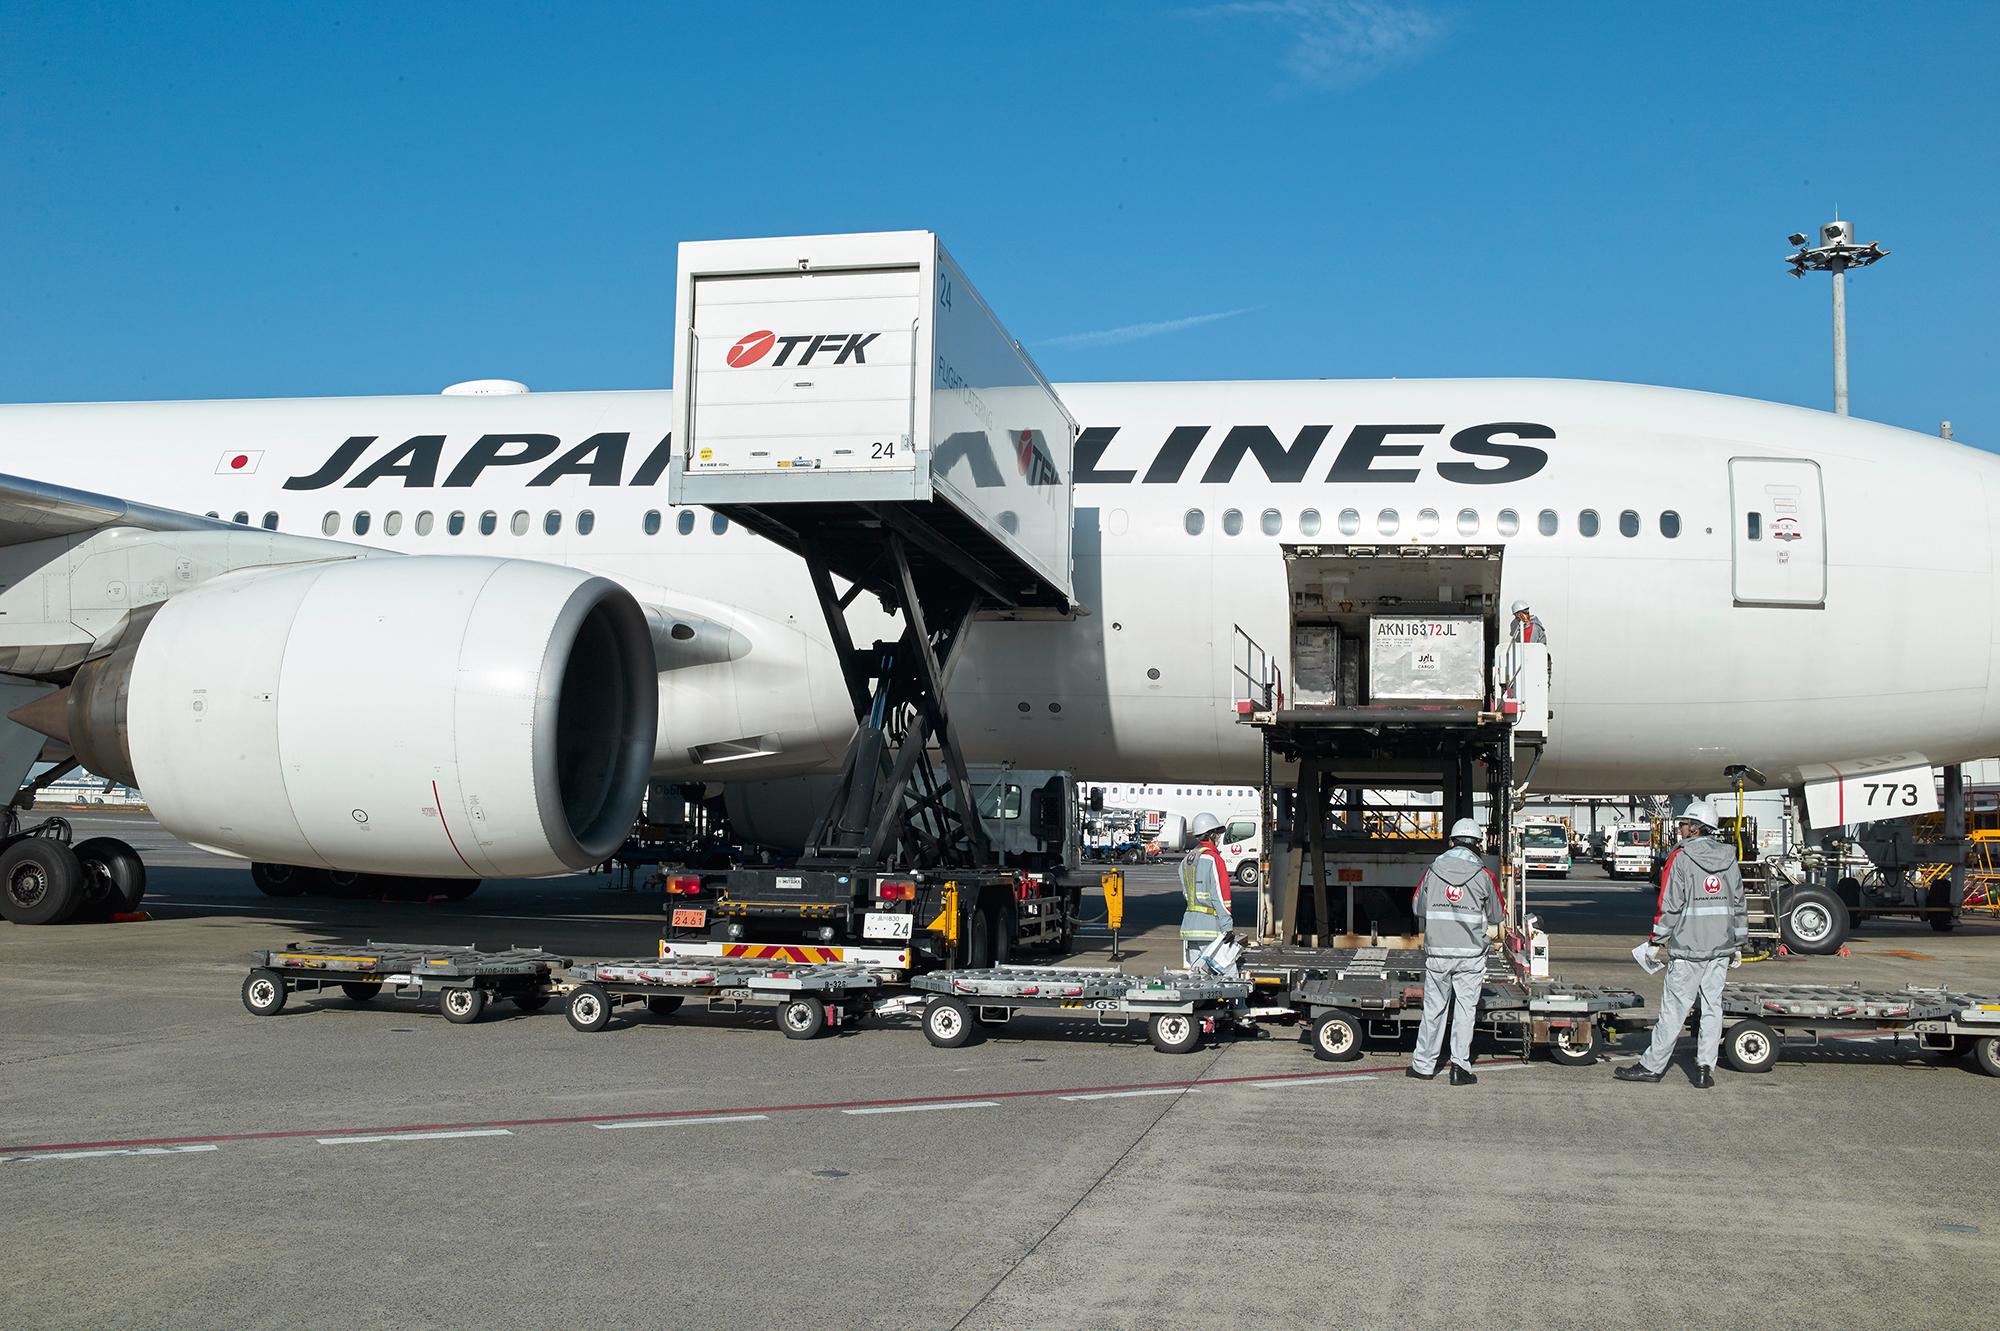 機体到着から次の搭乗まで数十分